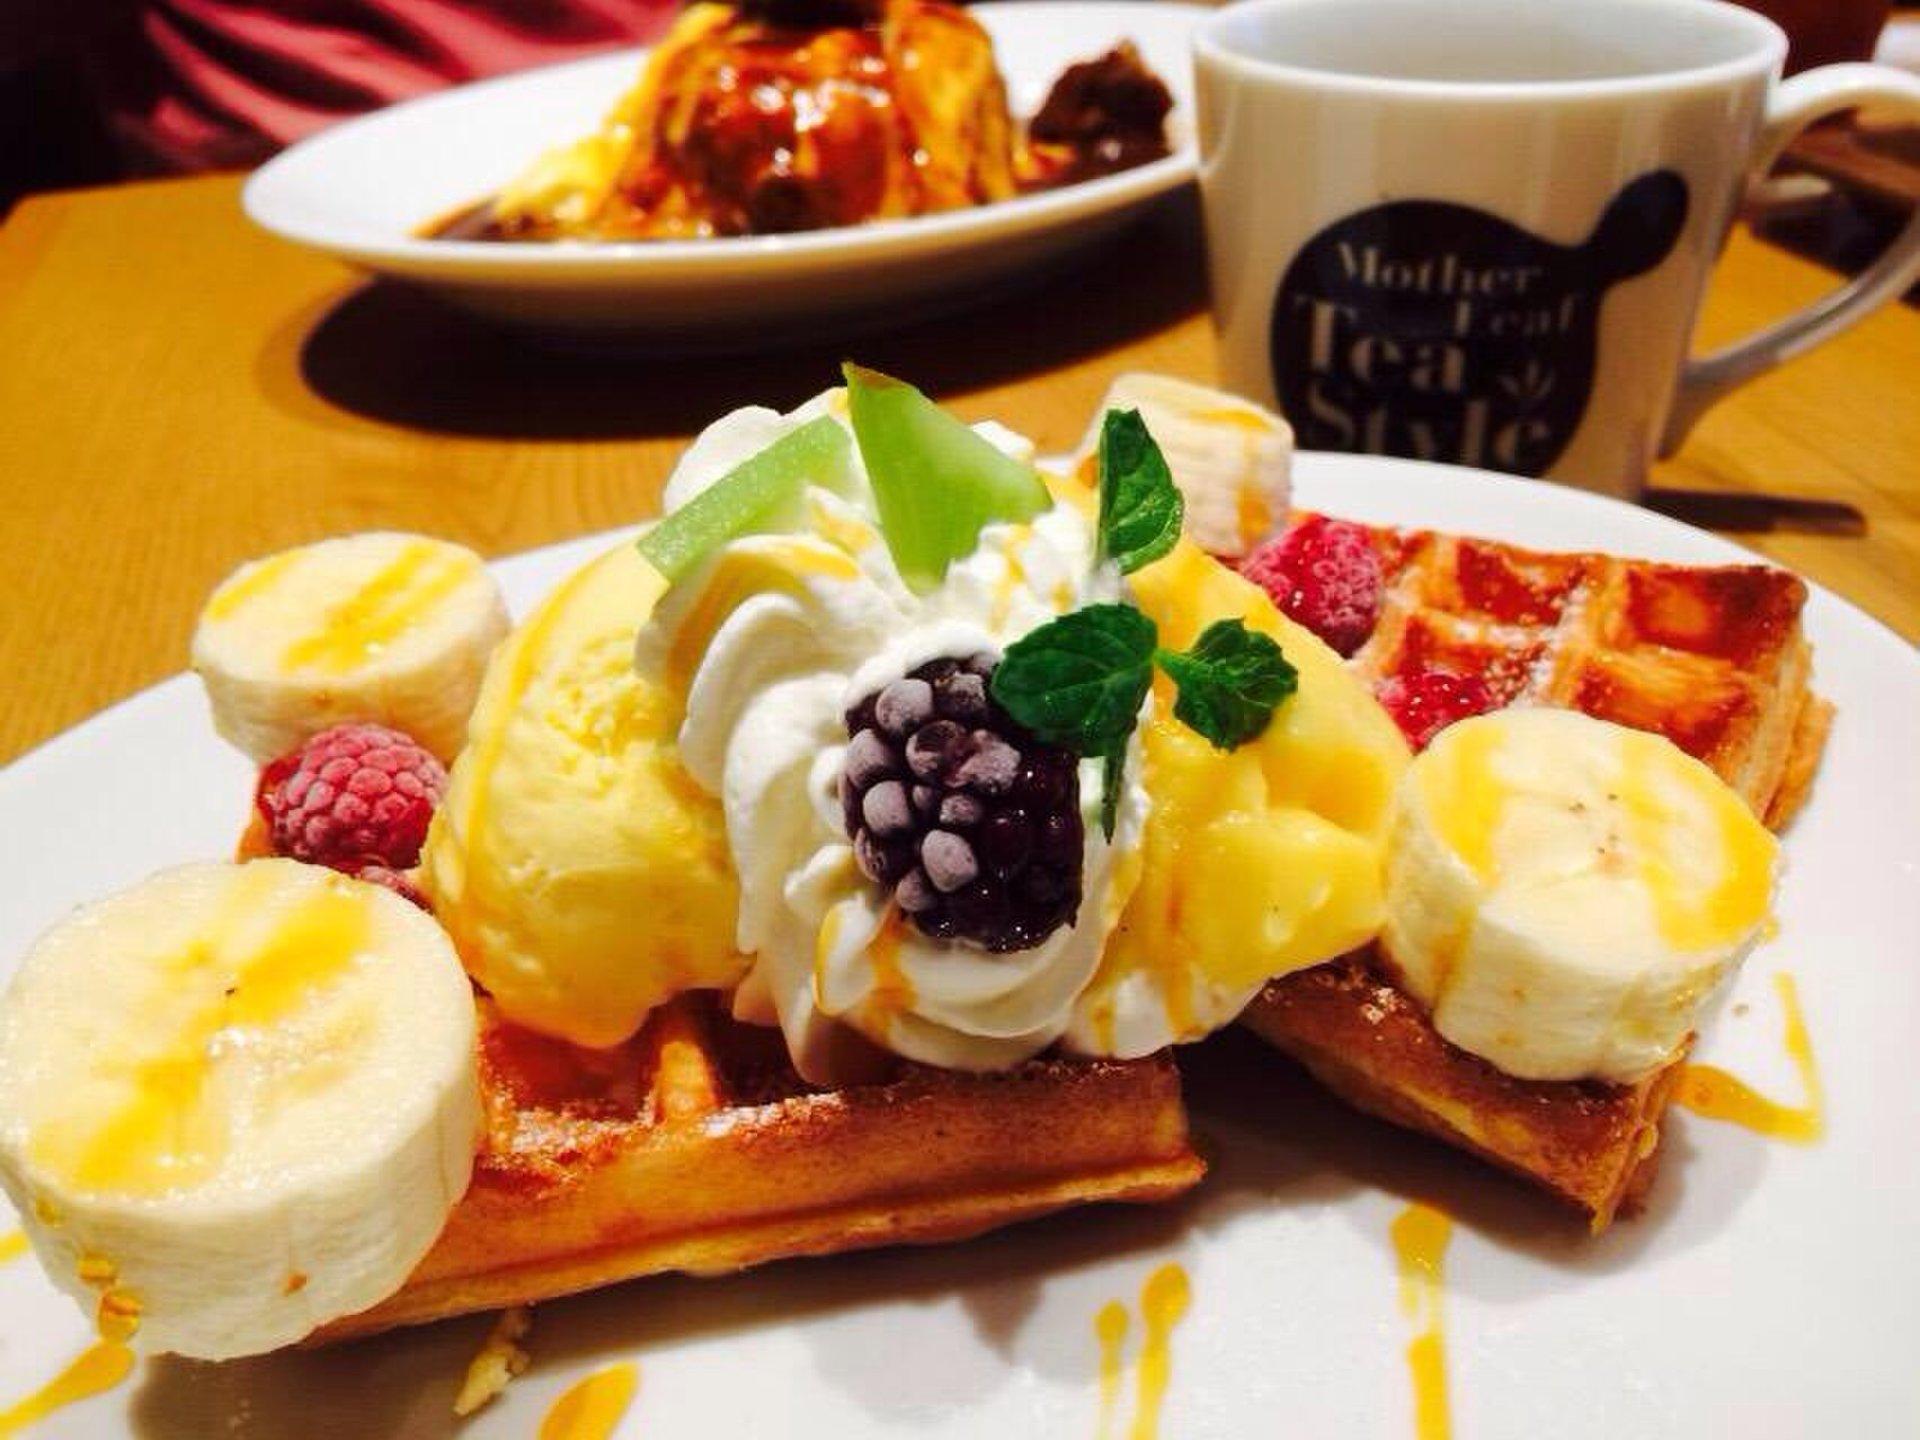 【上京者の東京カフェ巡り♪】東京初心者のためのカフェ巡りガイド♪